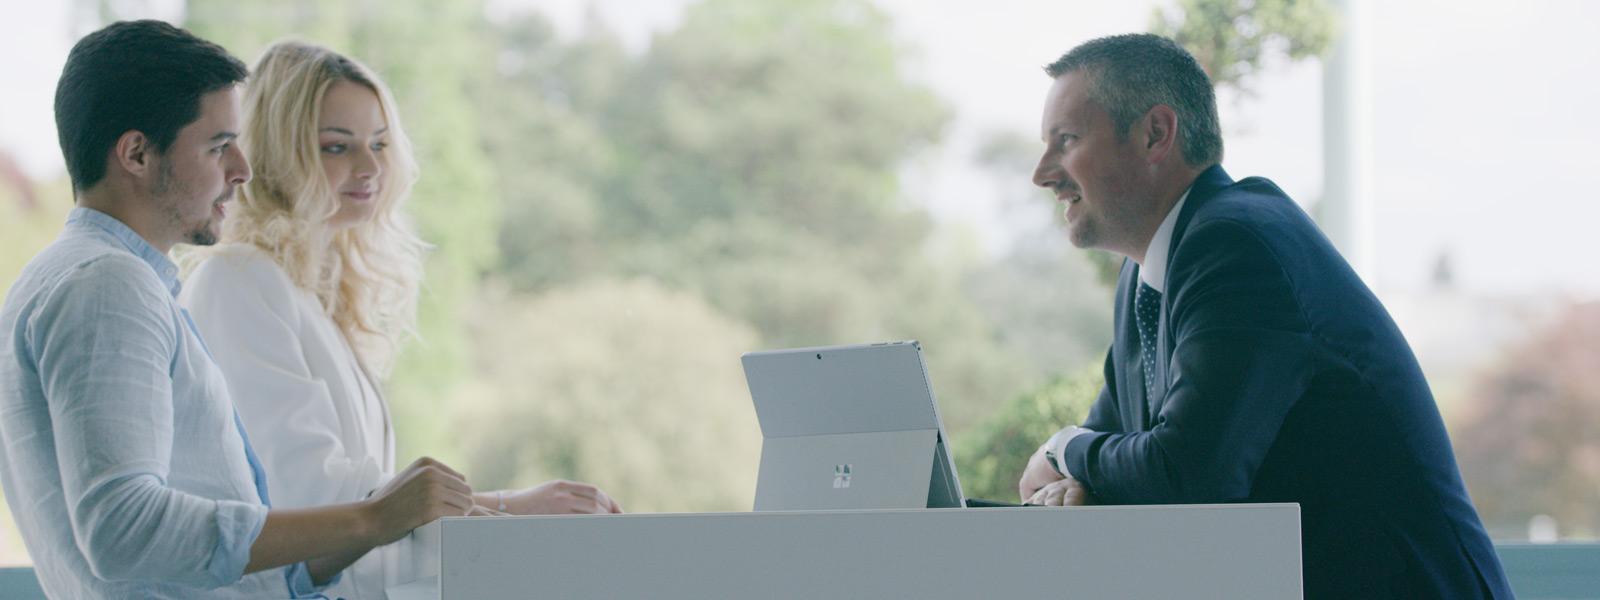 Kolme ihmistä istumassa pöydän ääressä Surface Pron kanssa takanaan näkymä ulkoa.